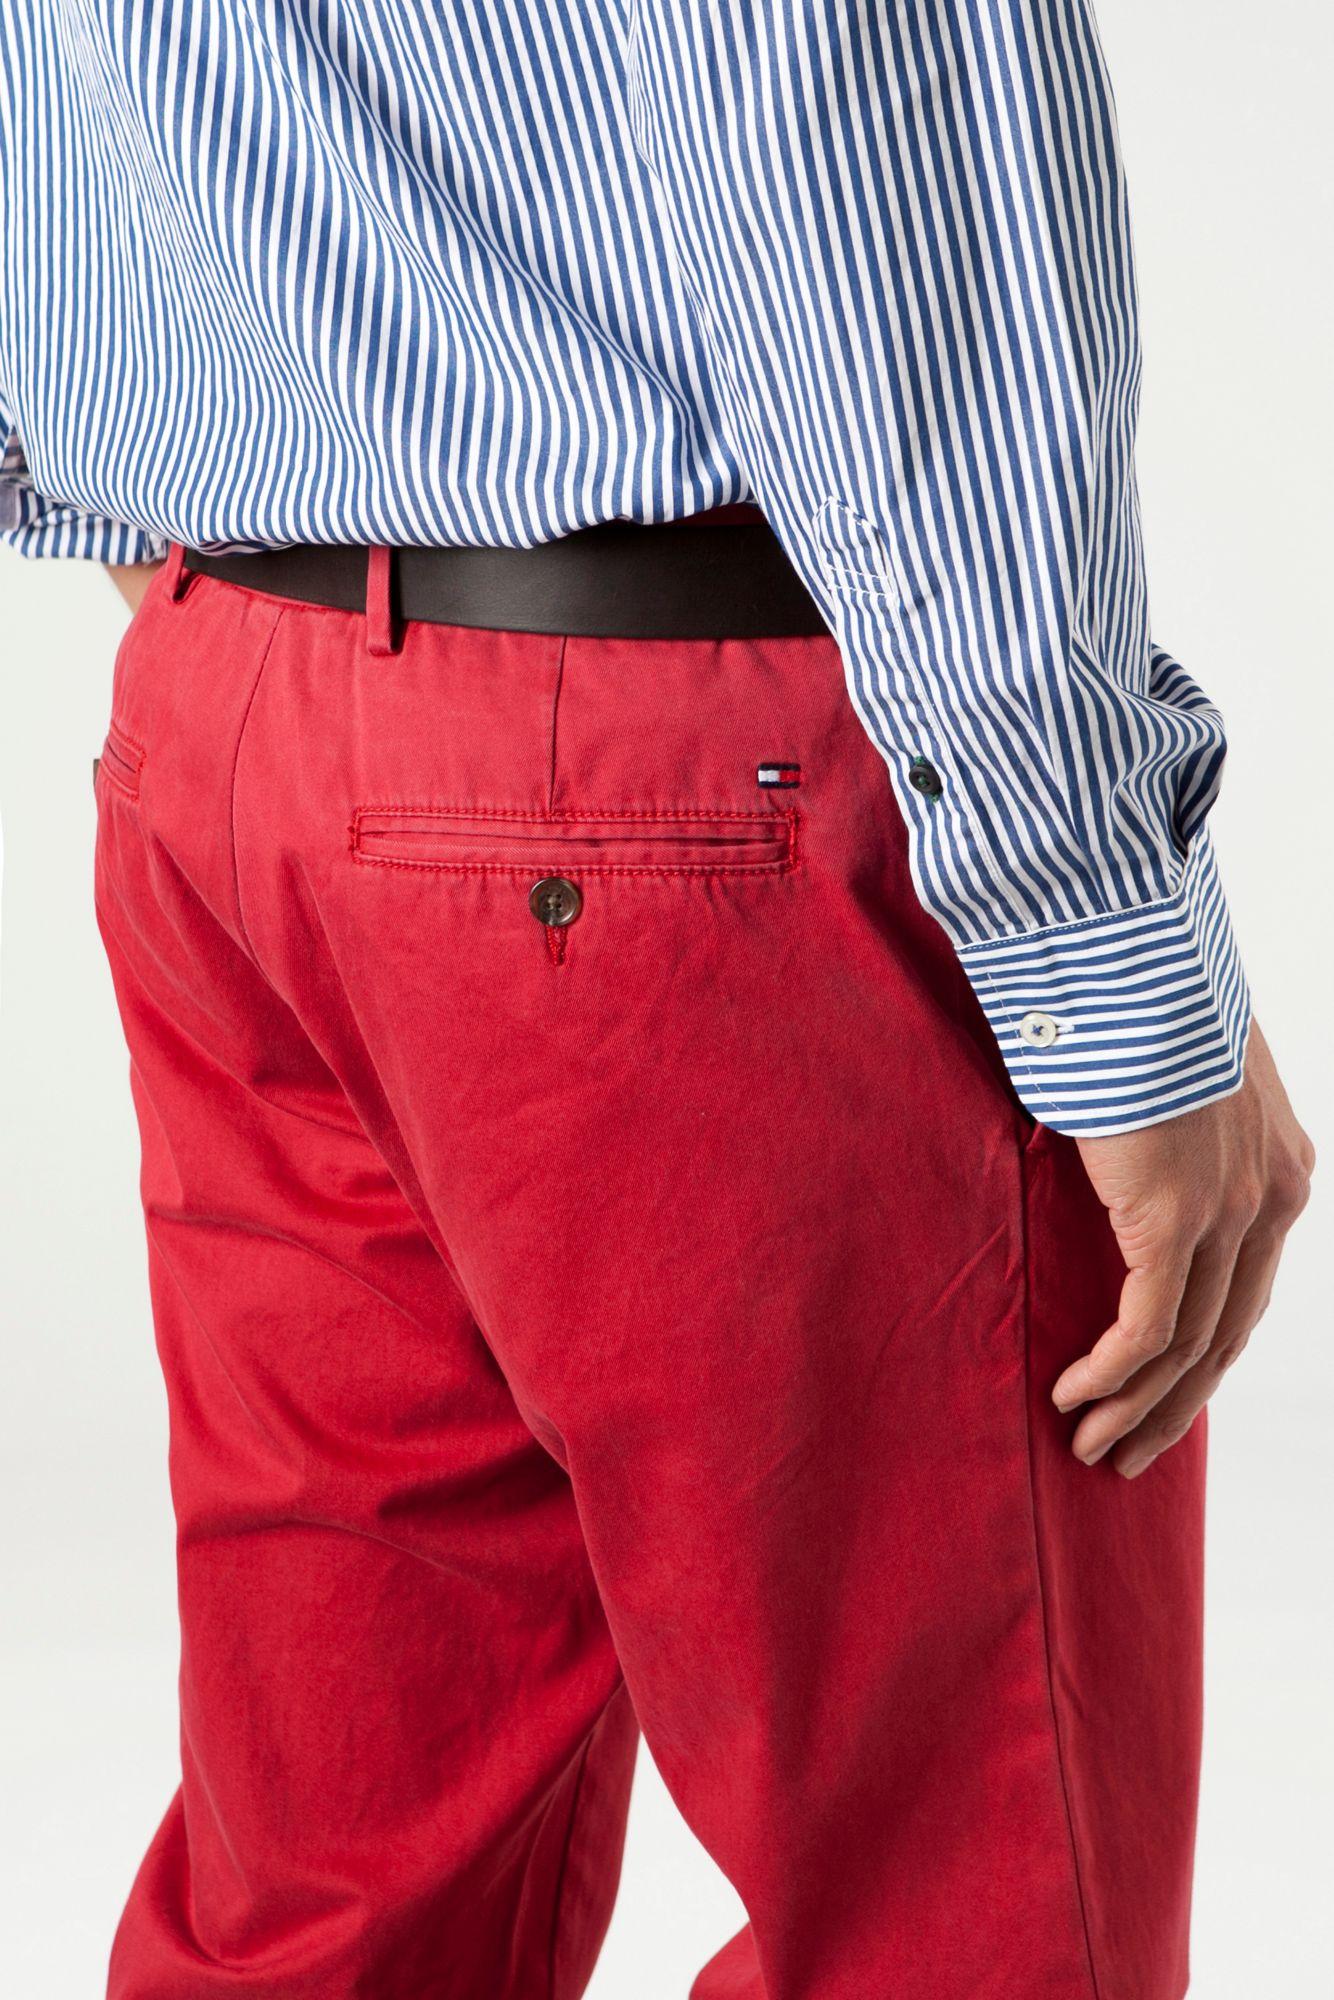 lyst tommy hilfiger mercer garment dyed cords in red for men. Black Bedroom Furniture Sets. Home Design Ideas